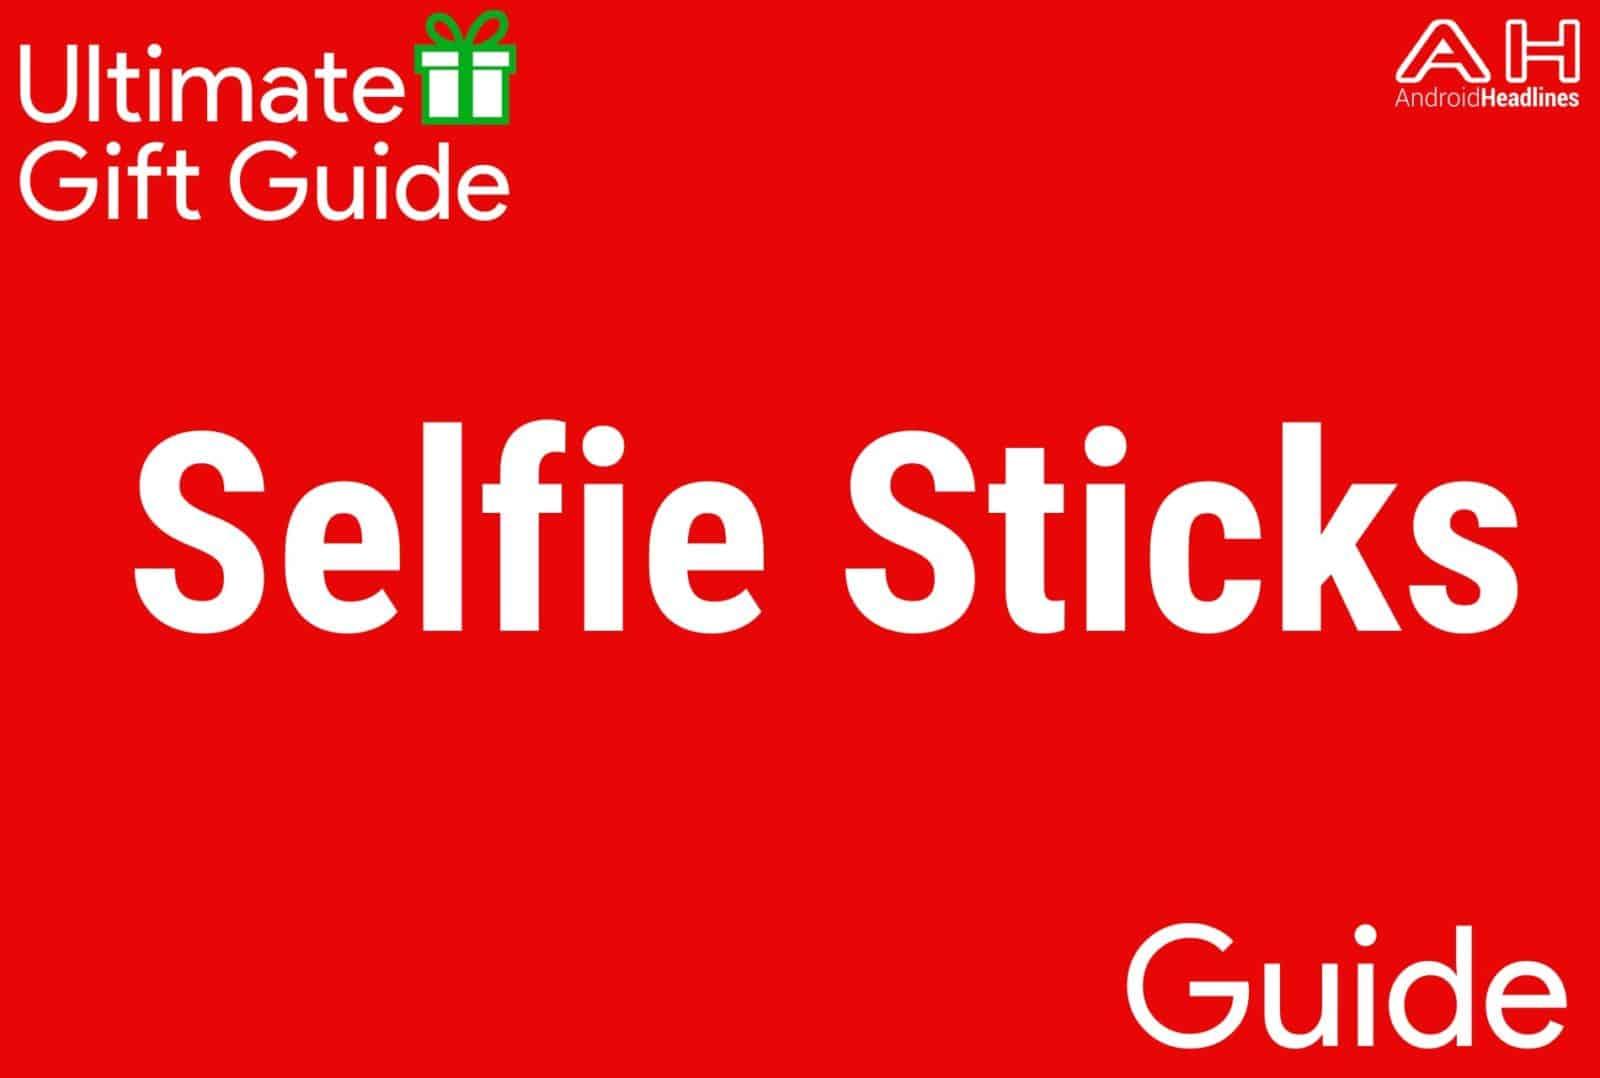 Selfie Sticks - Gift Guide 2015